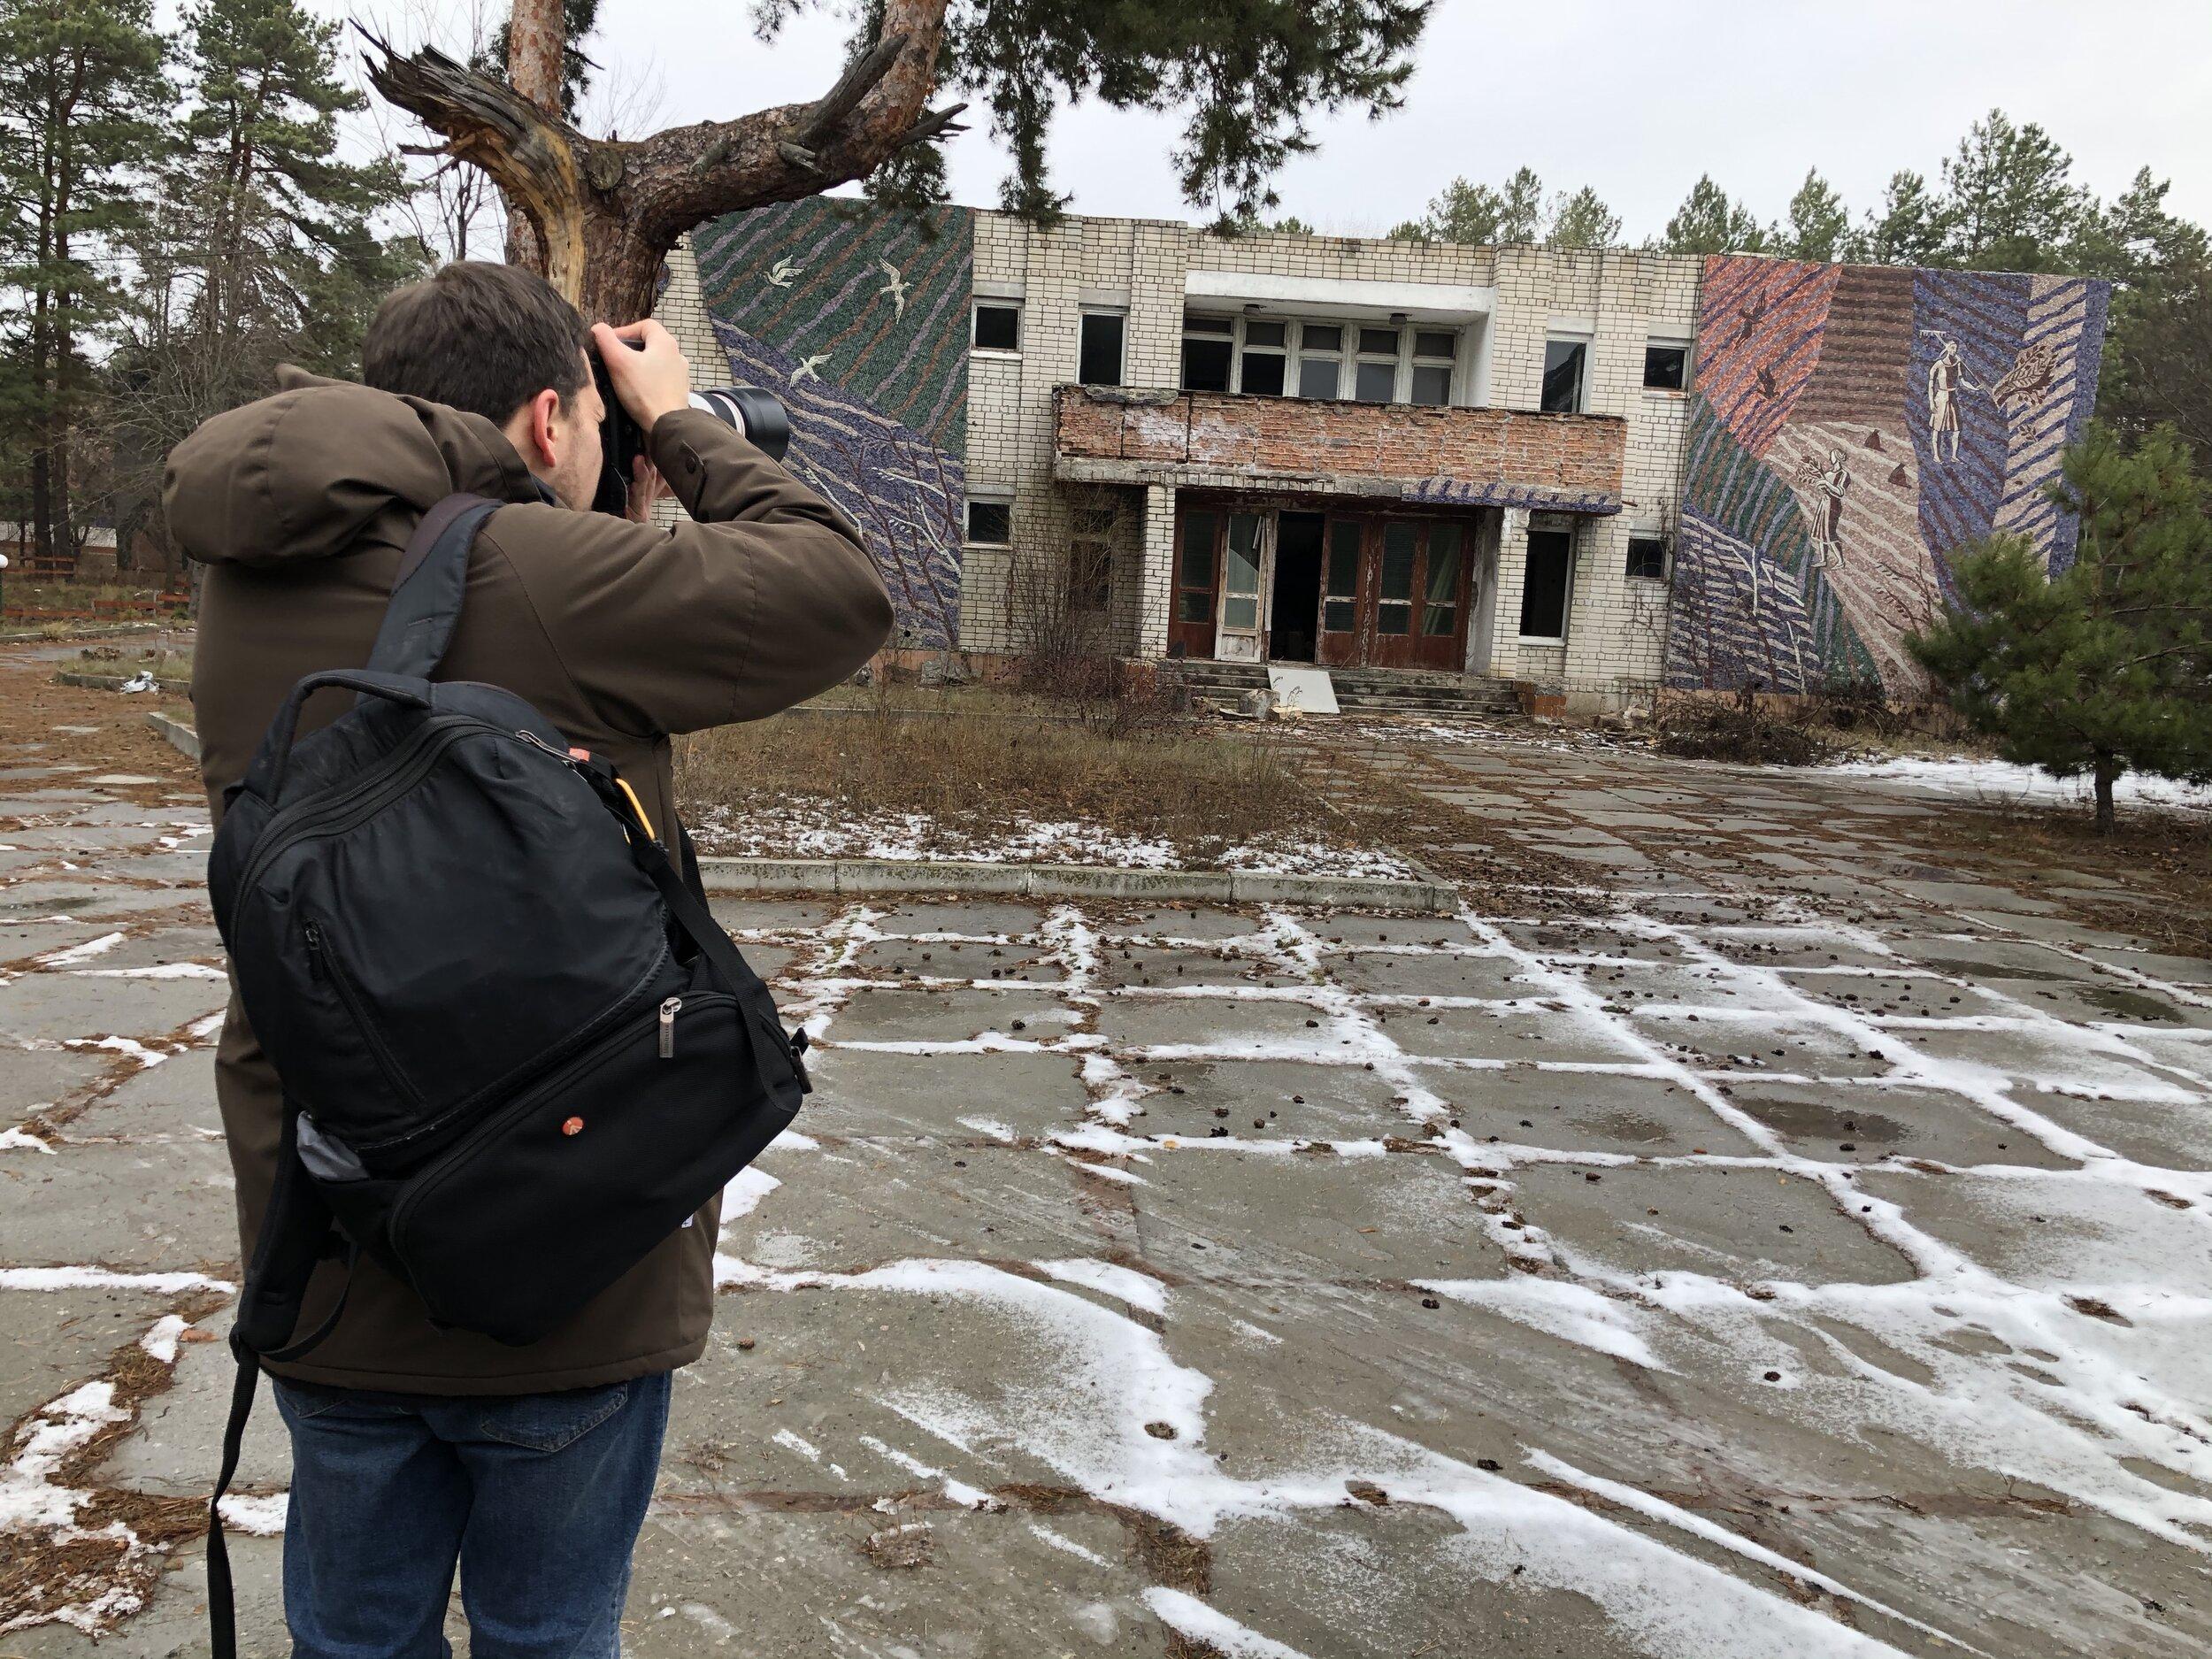 Євген Нікіфоров: «Я знімаю зміни простору, символи змін. Зміни — це про зараз»